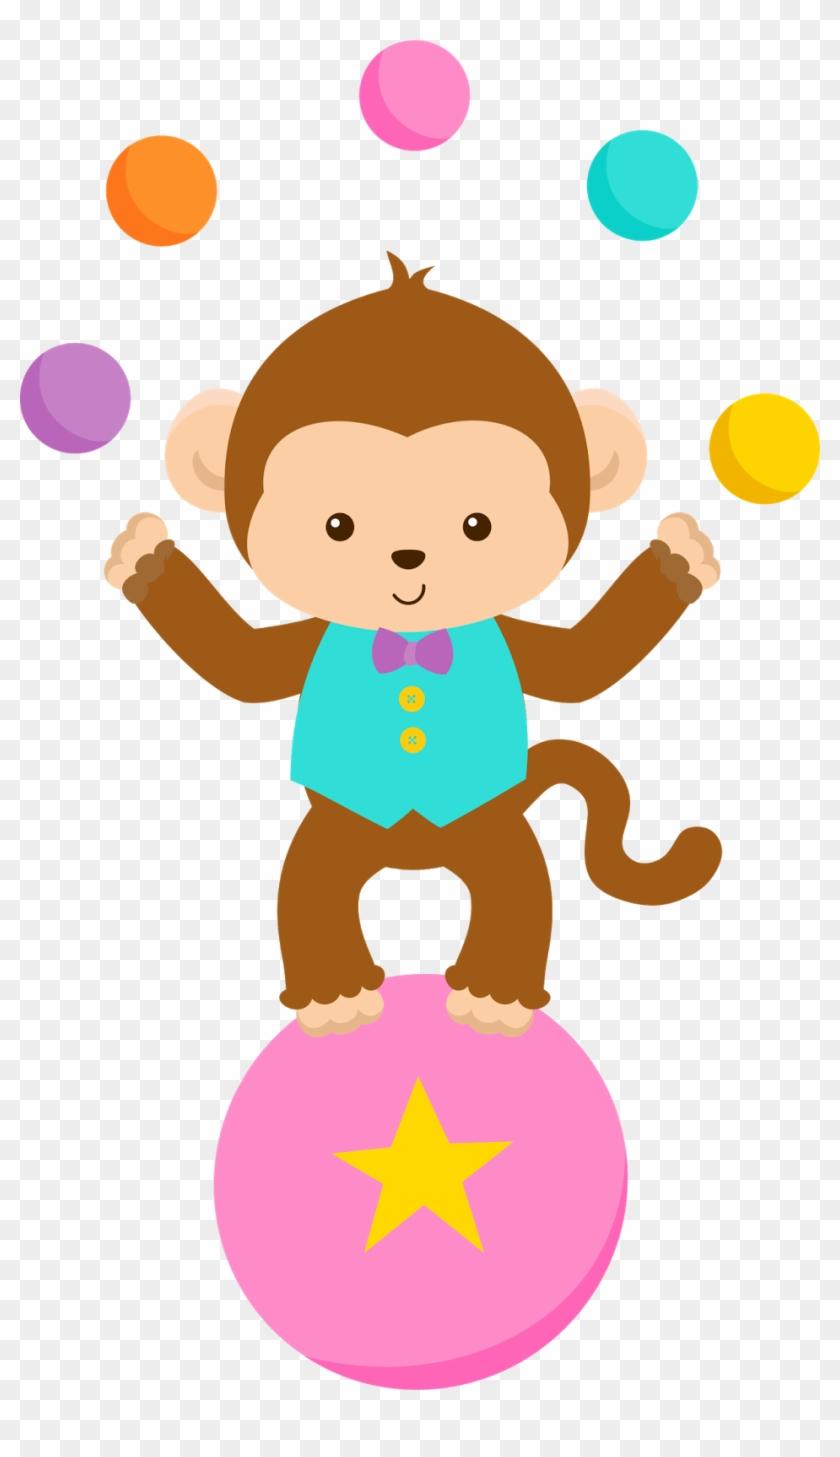 Dibujos Infantiles De Circo Para Imprimir - Animales De Circo Animados Png #12940